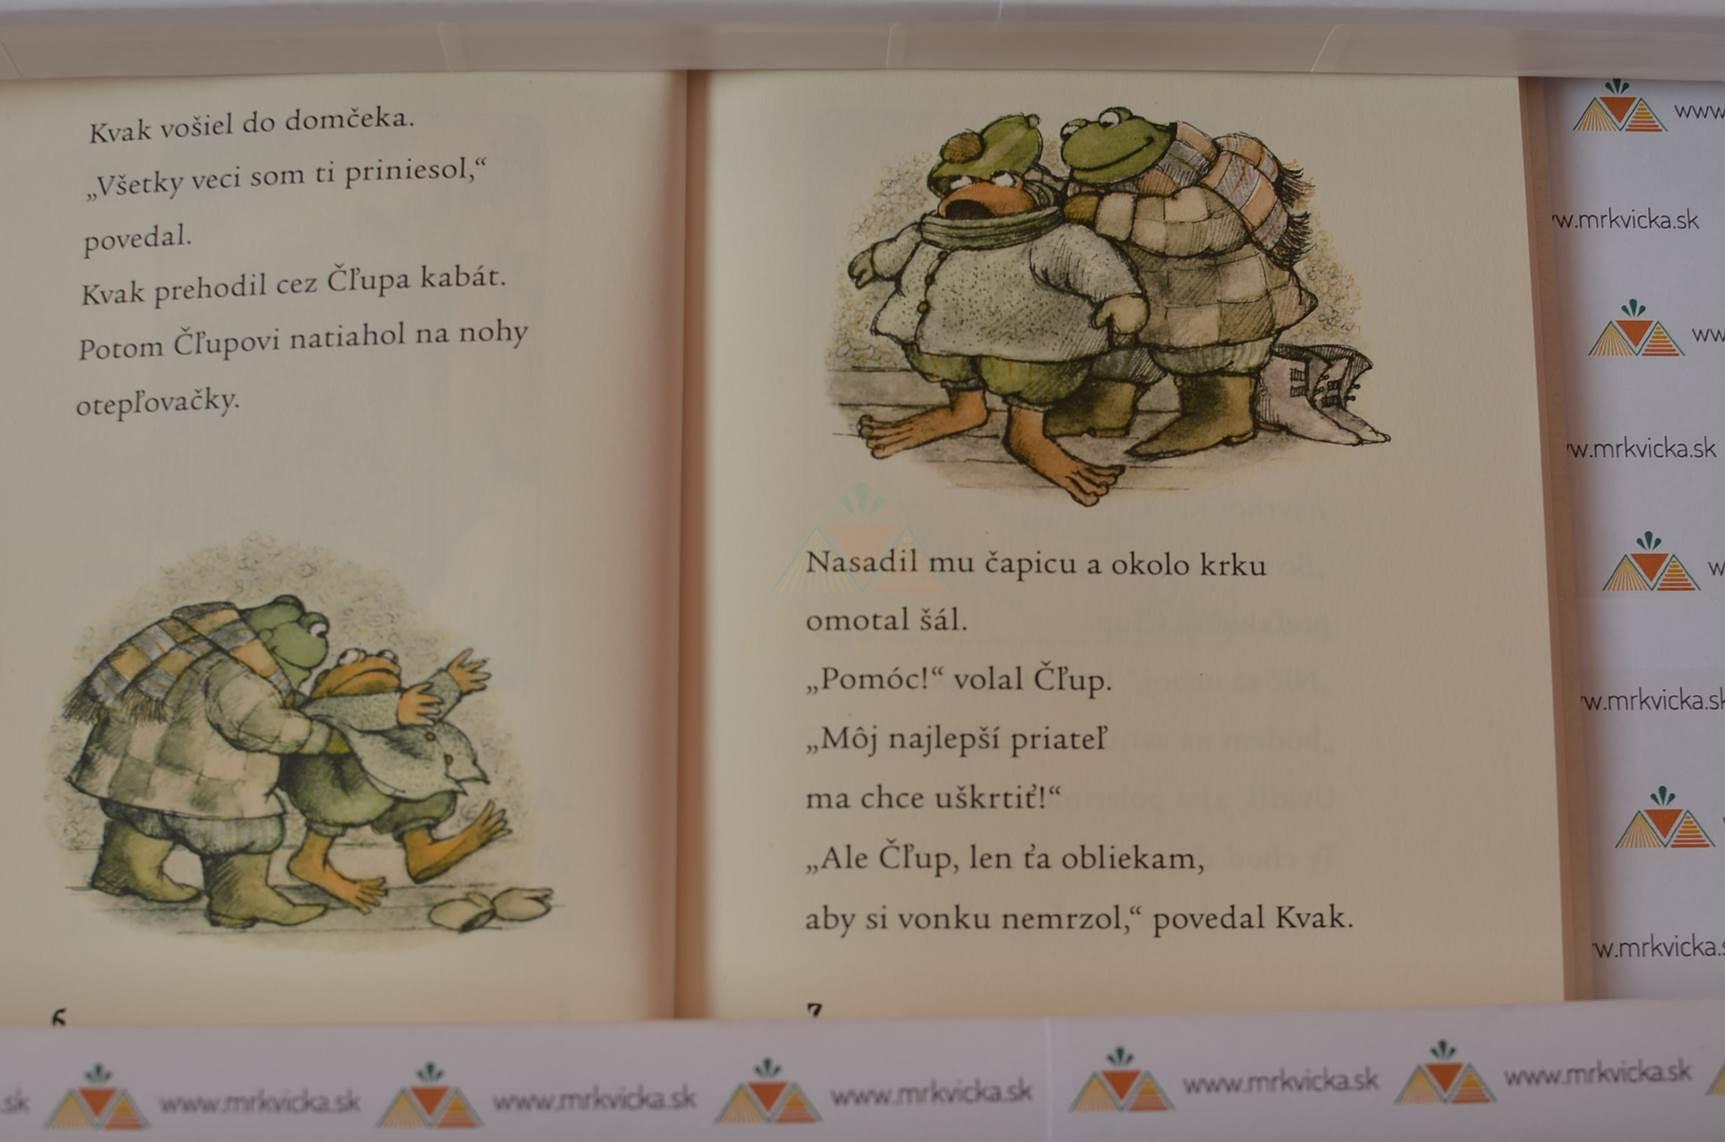 Kvak a Čľup: Veselý rok s Kvakom a Čľupom